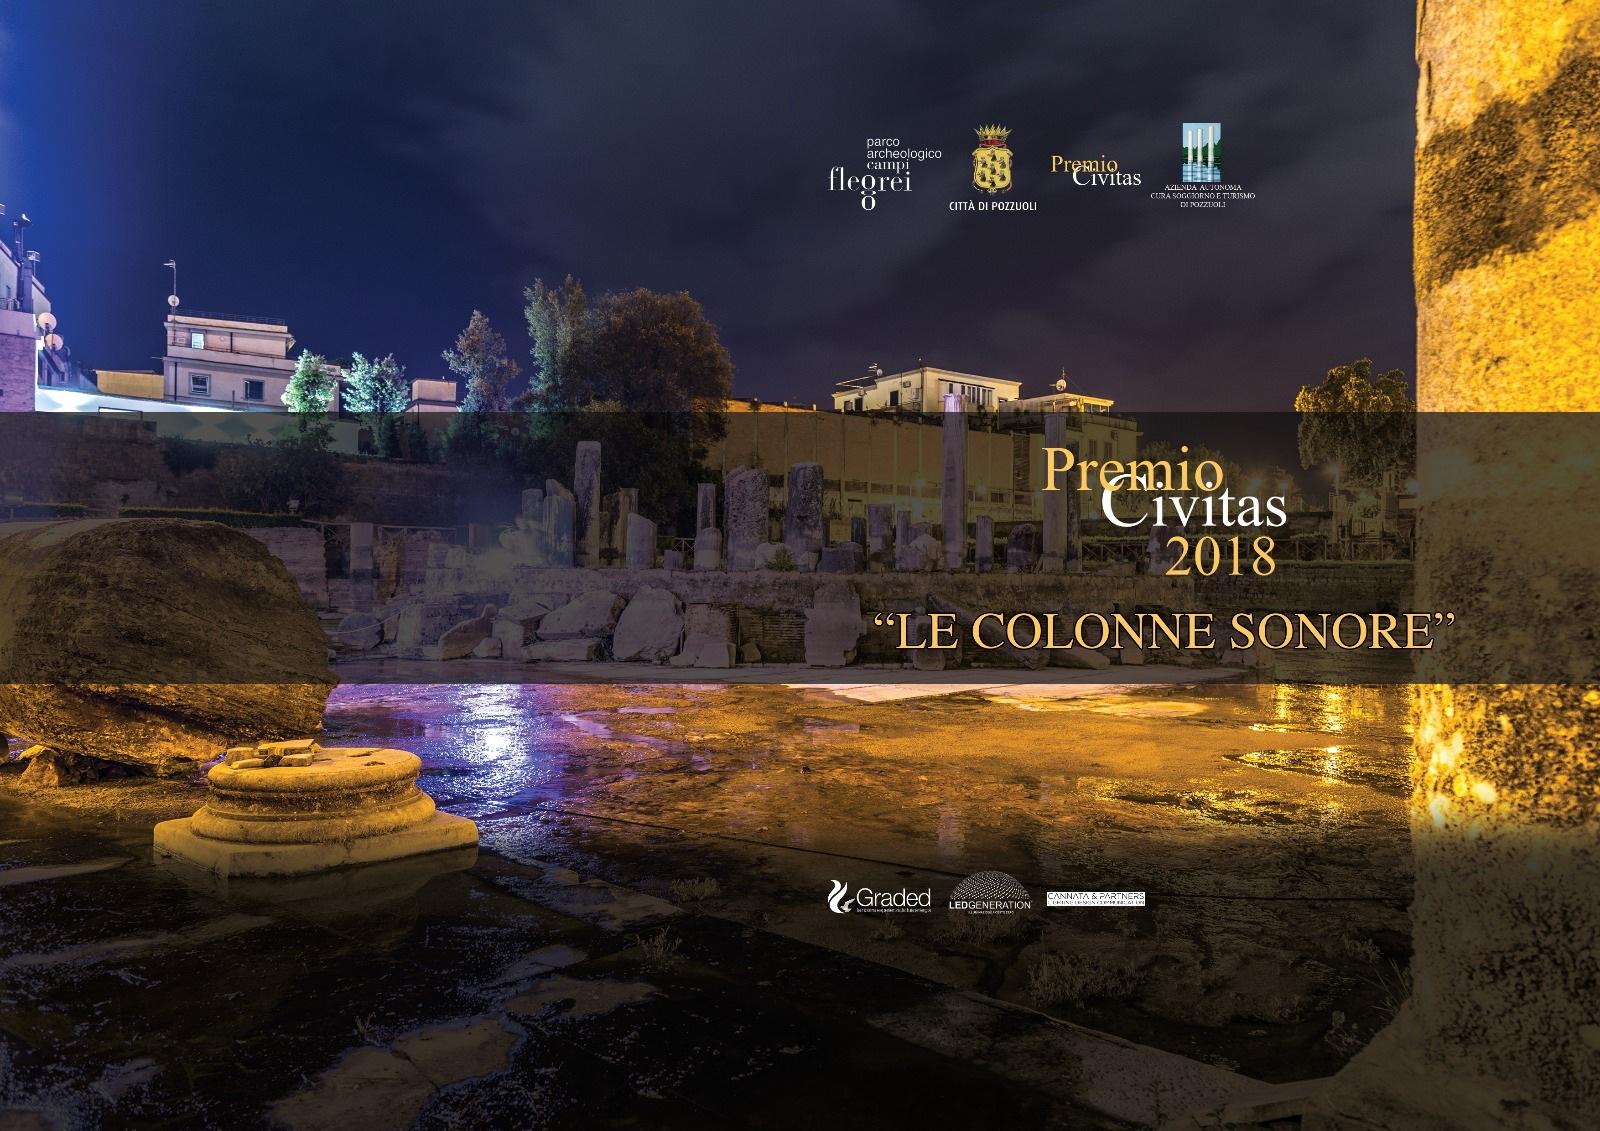 """Il tempio di Serapide torna alla """"luce"""": un concerto per inaugurare il progetto Premio Civitas-Graded"""